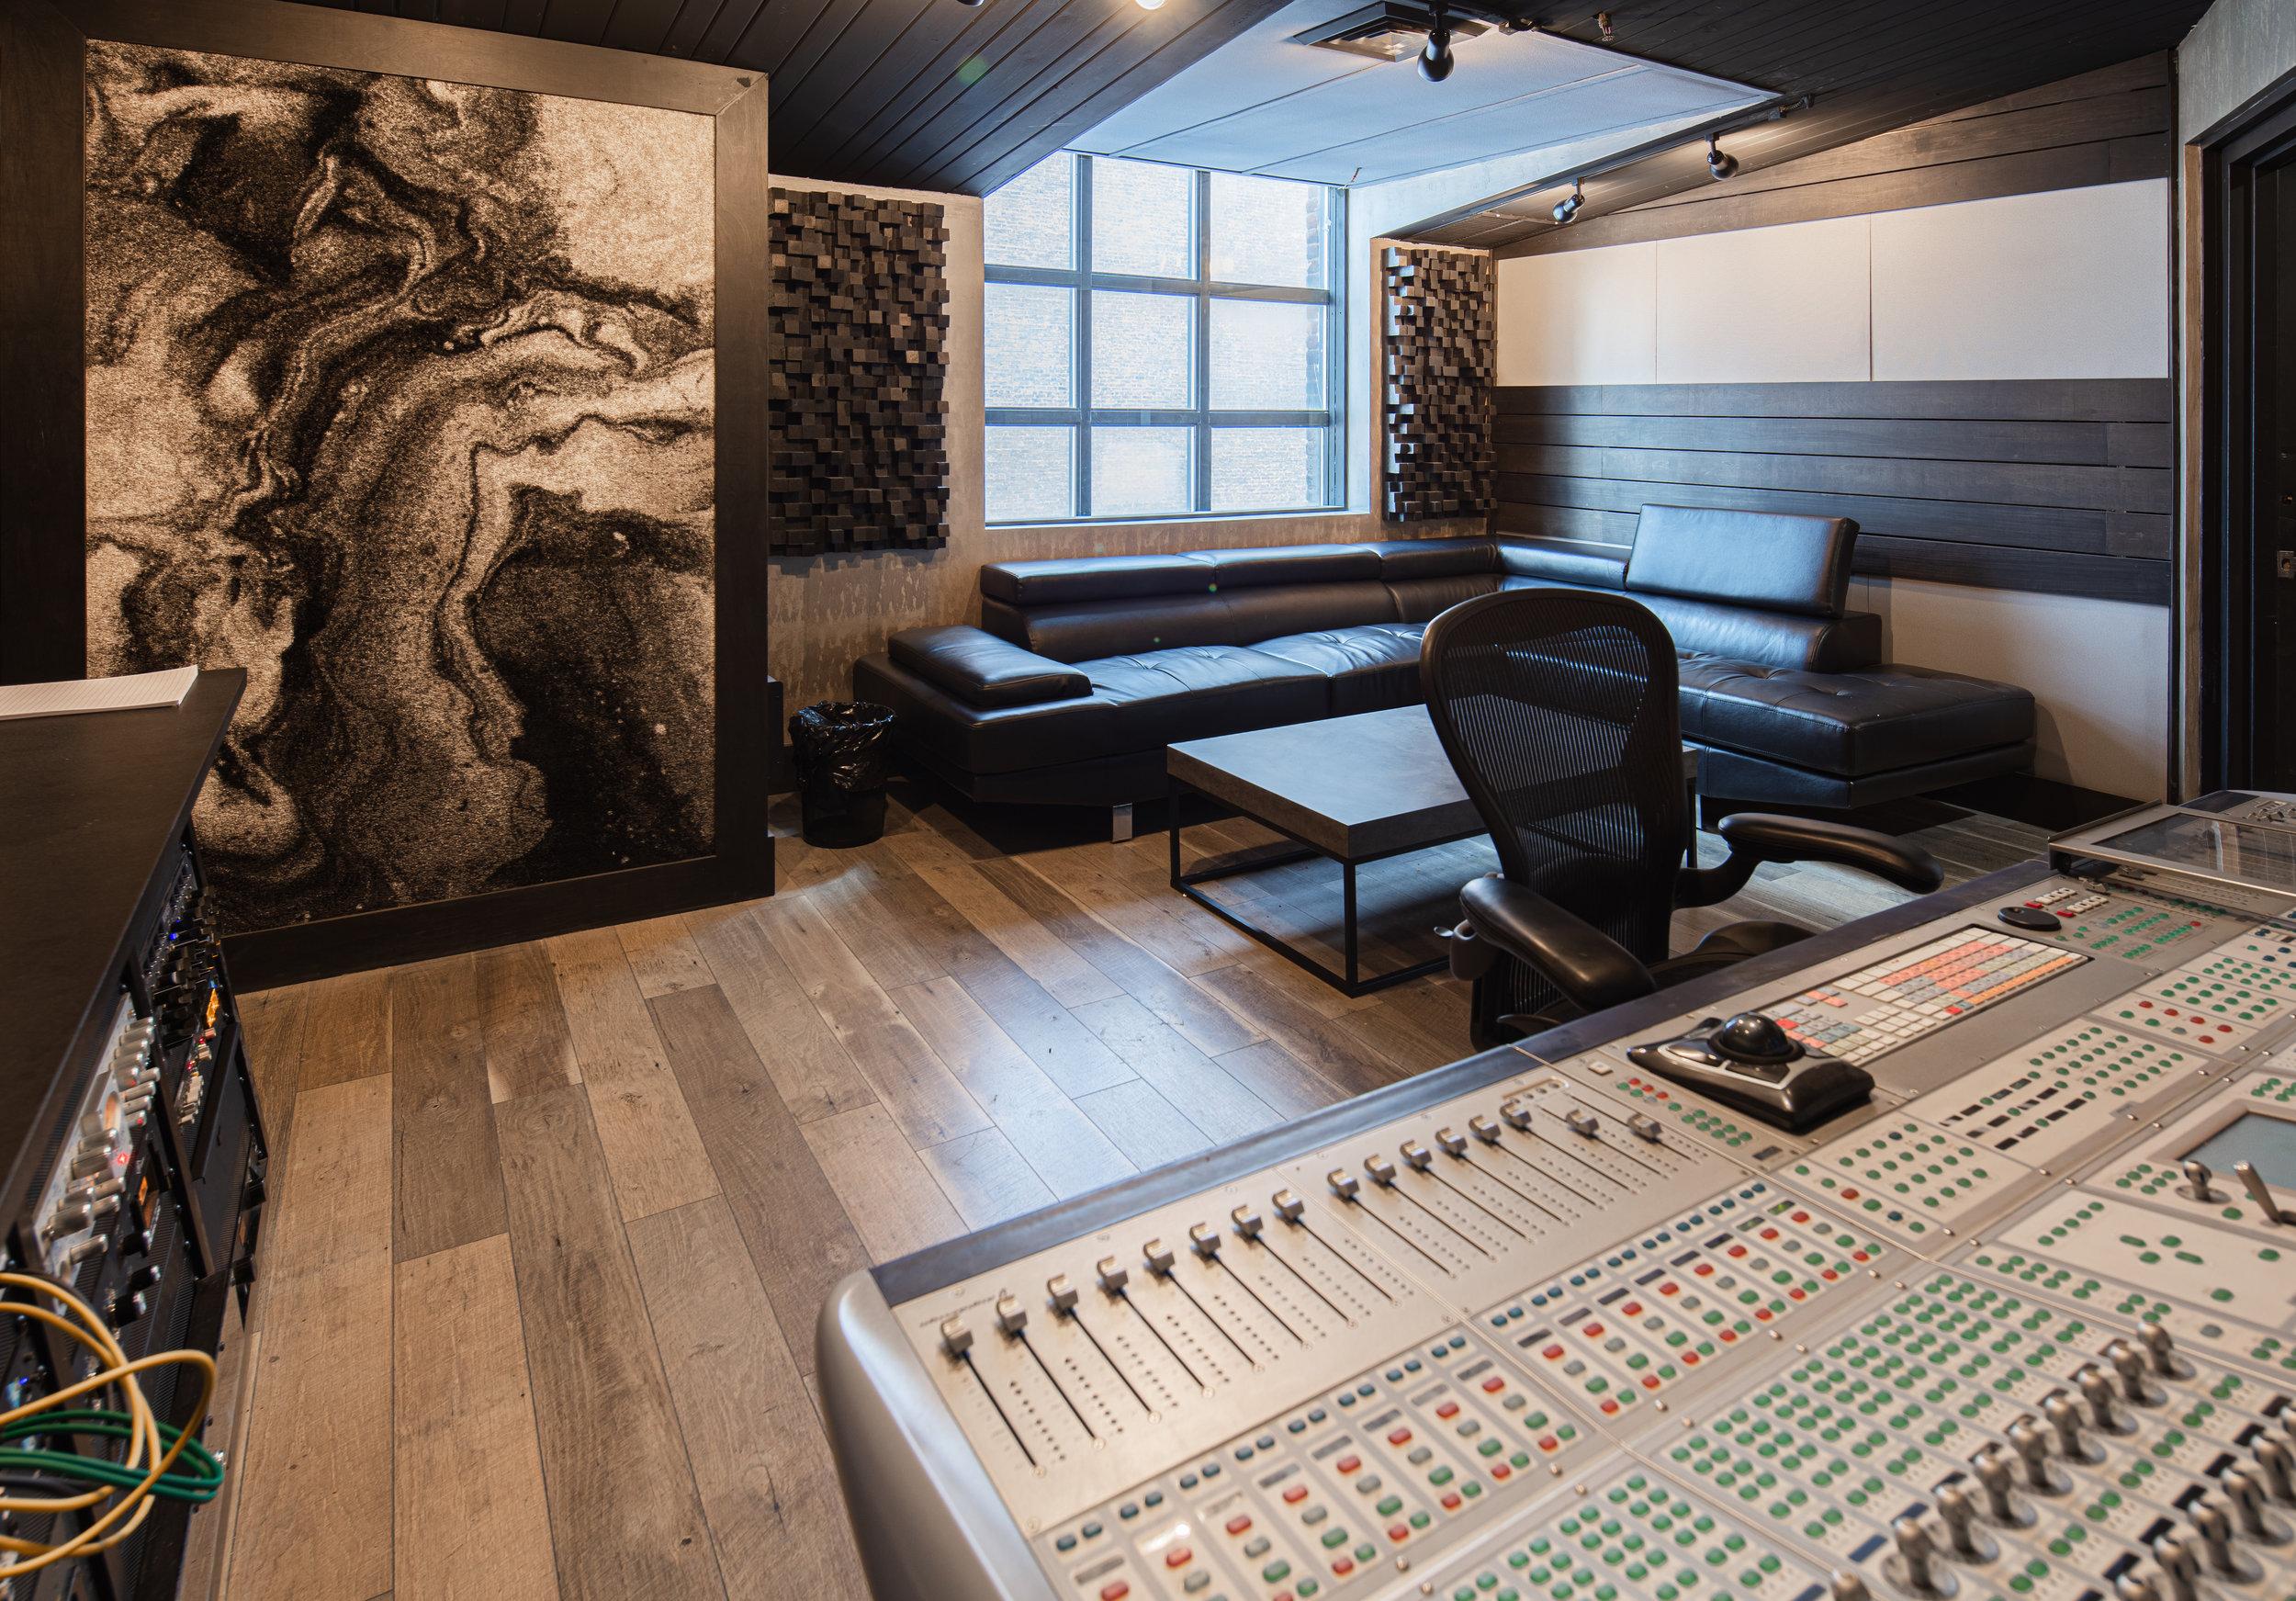 Studio Q4